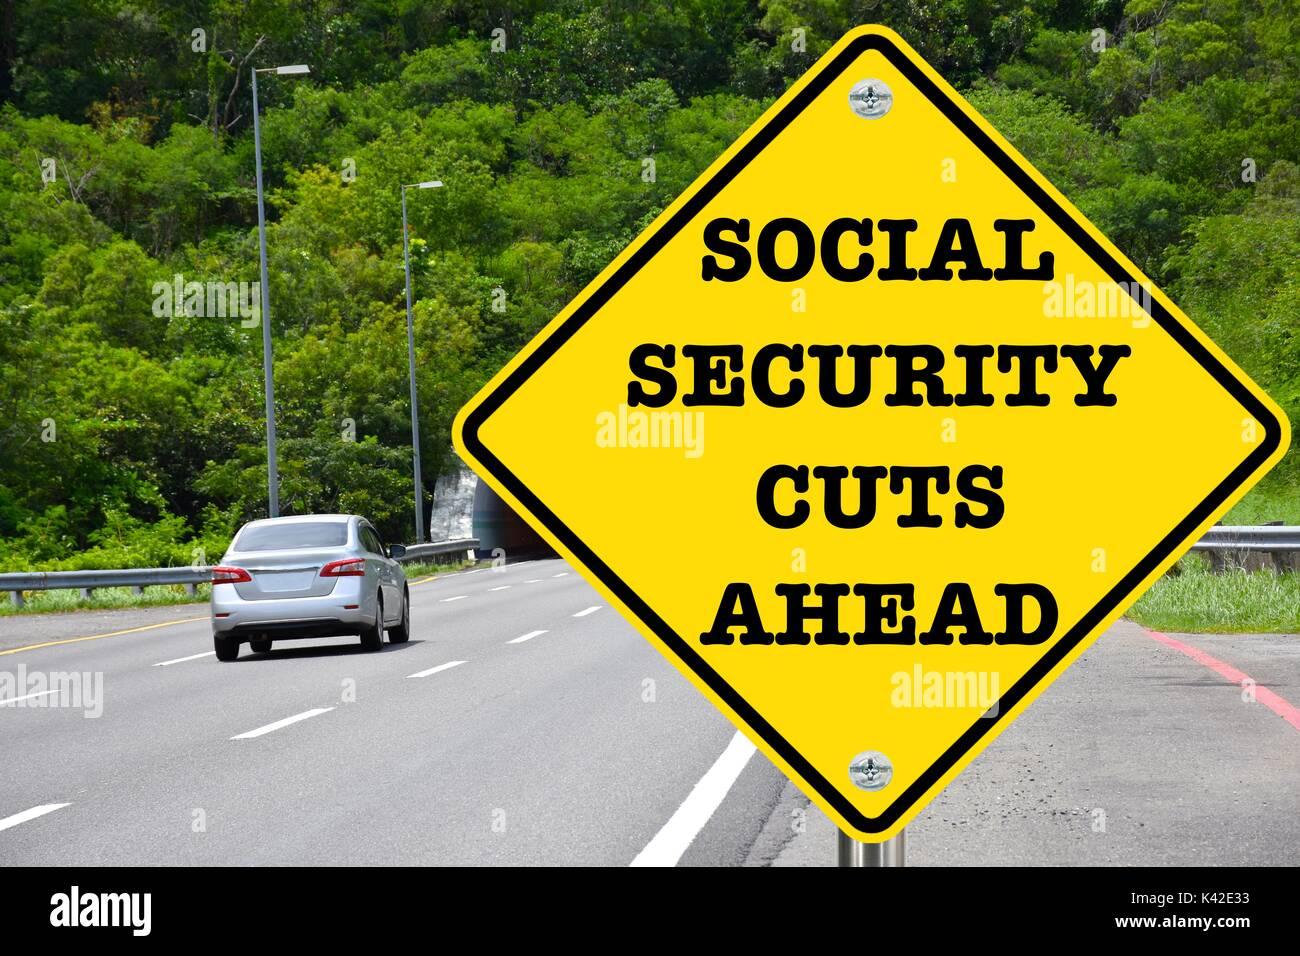 La sicurezza sociale tagli davanti, giallo di avvertimento cartello stradale Immagini Stock